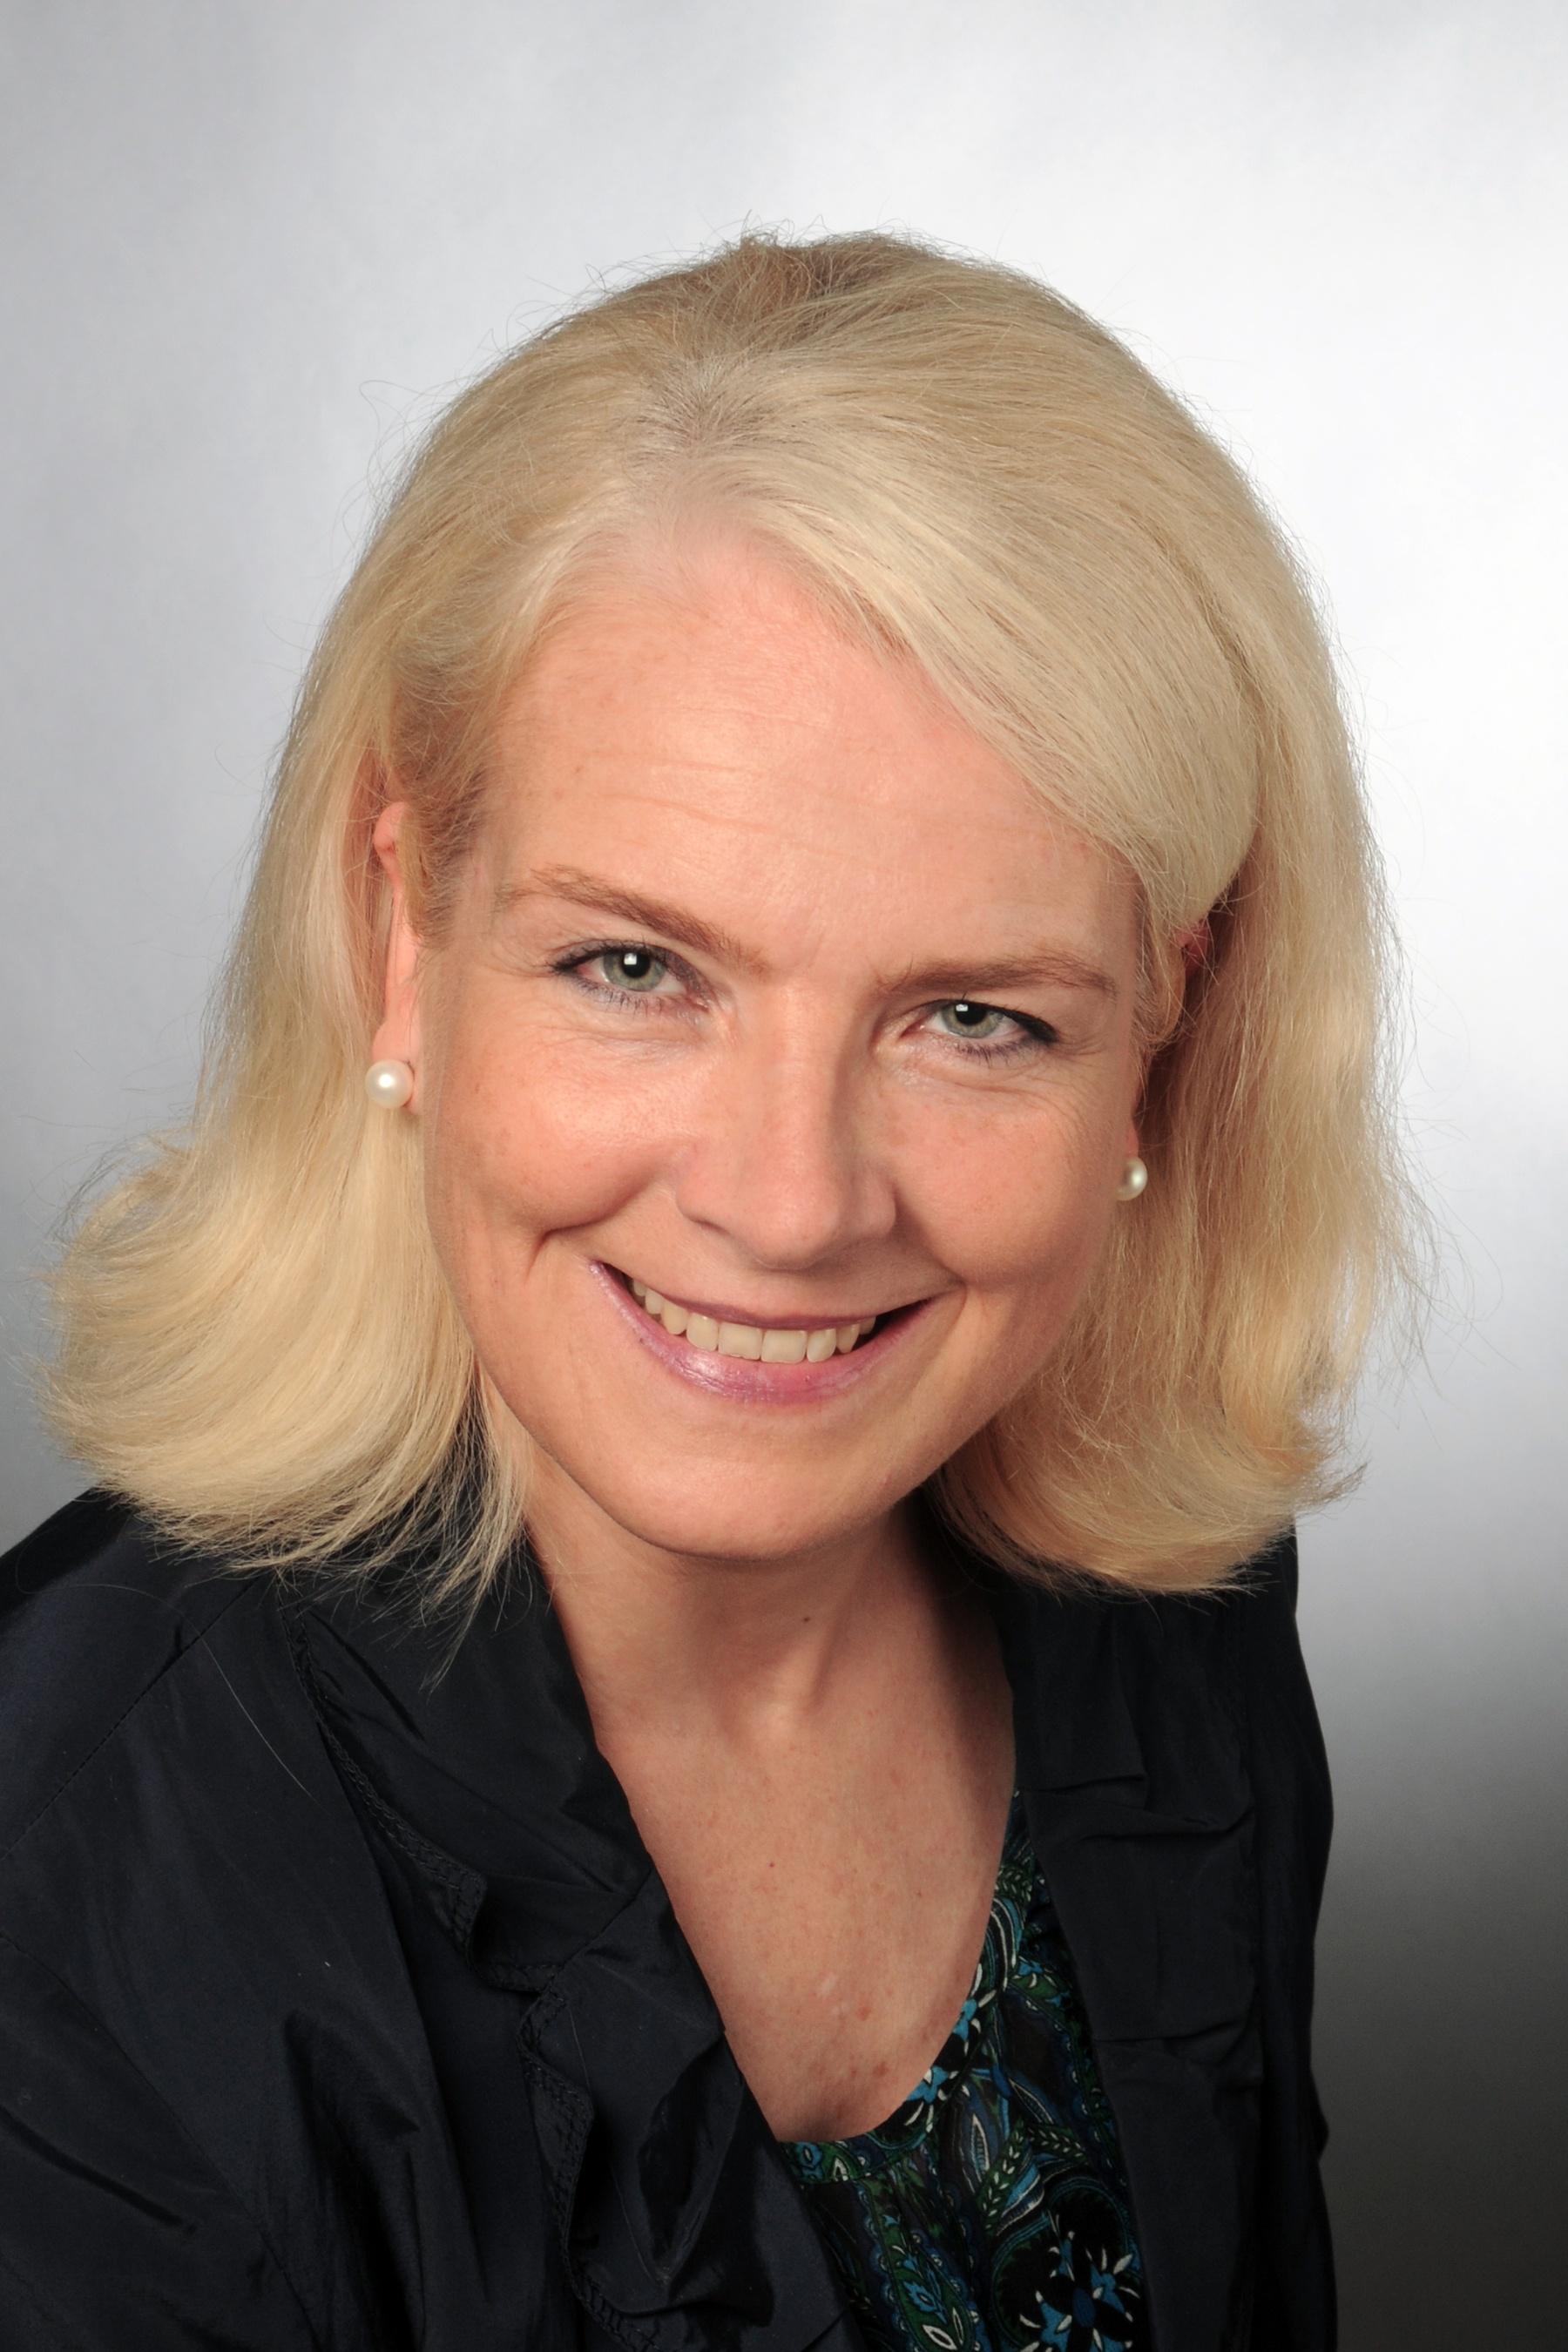 Claudia Powilleit-Dörr